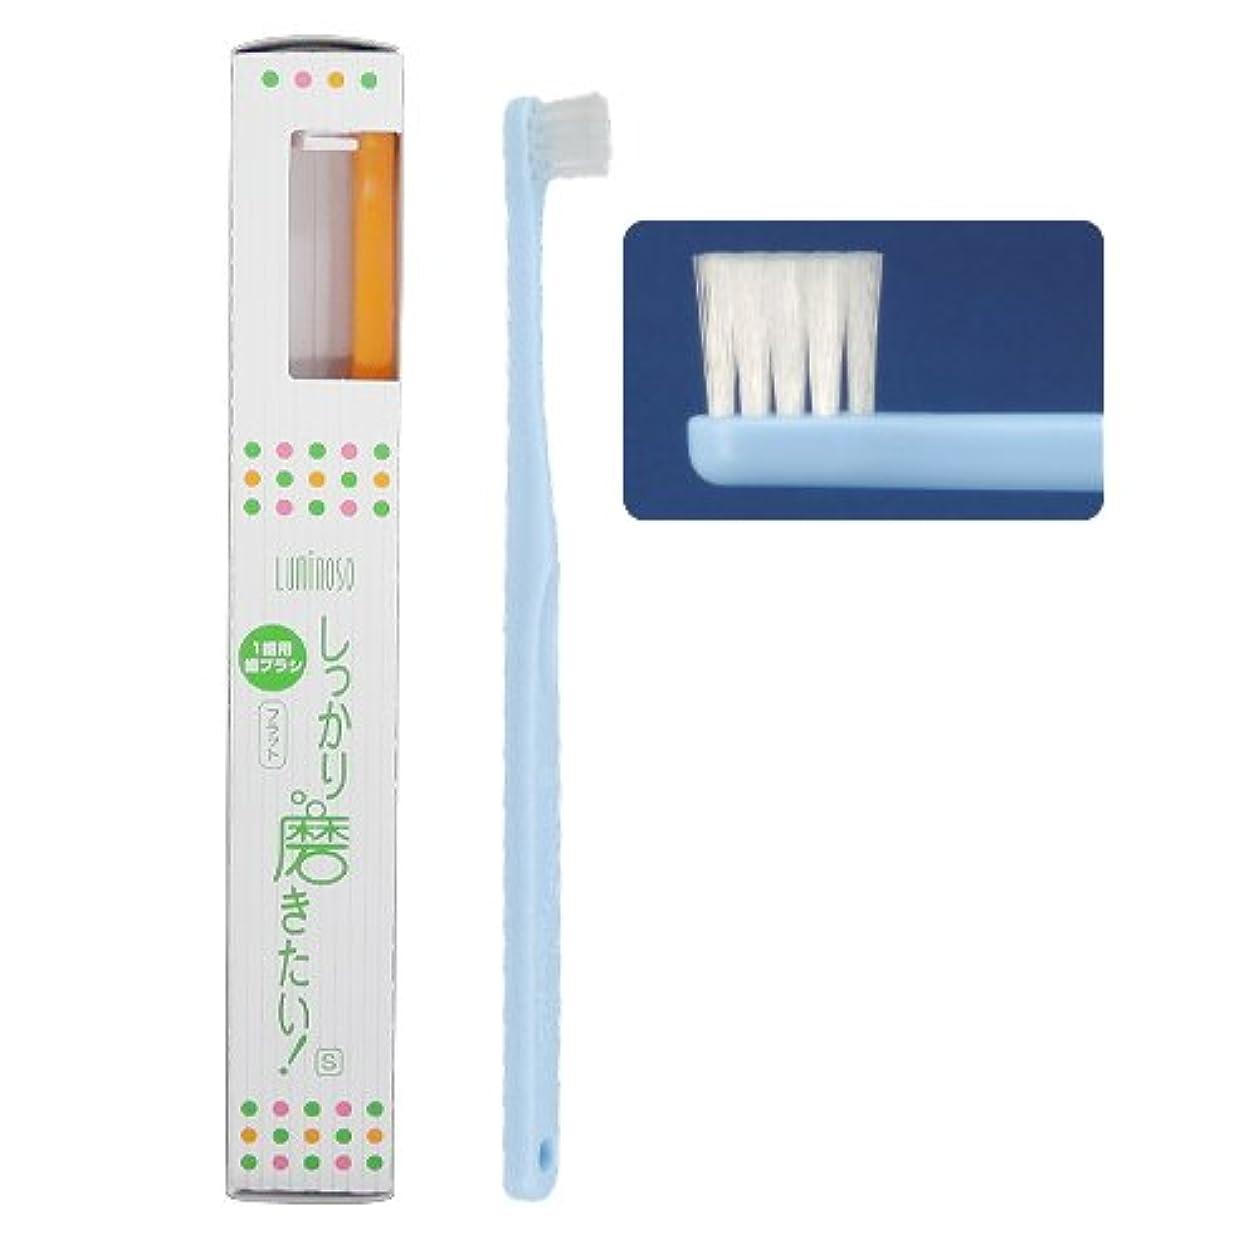 やろう必要としているネコルミノソ 1歯用歯ブラシ 「しっかり磨きたい!」 フラット/ソフト